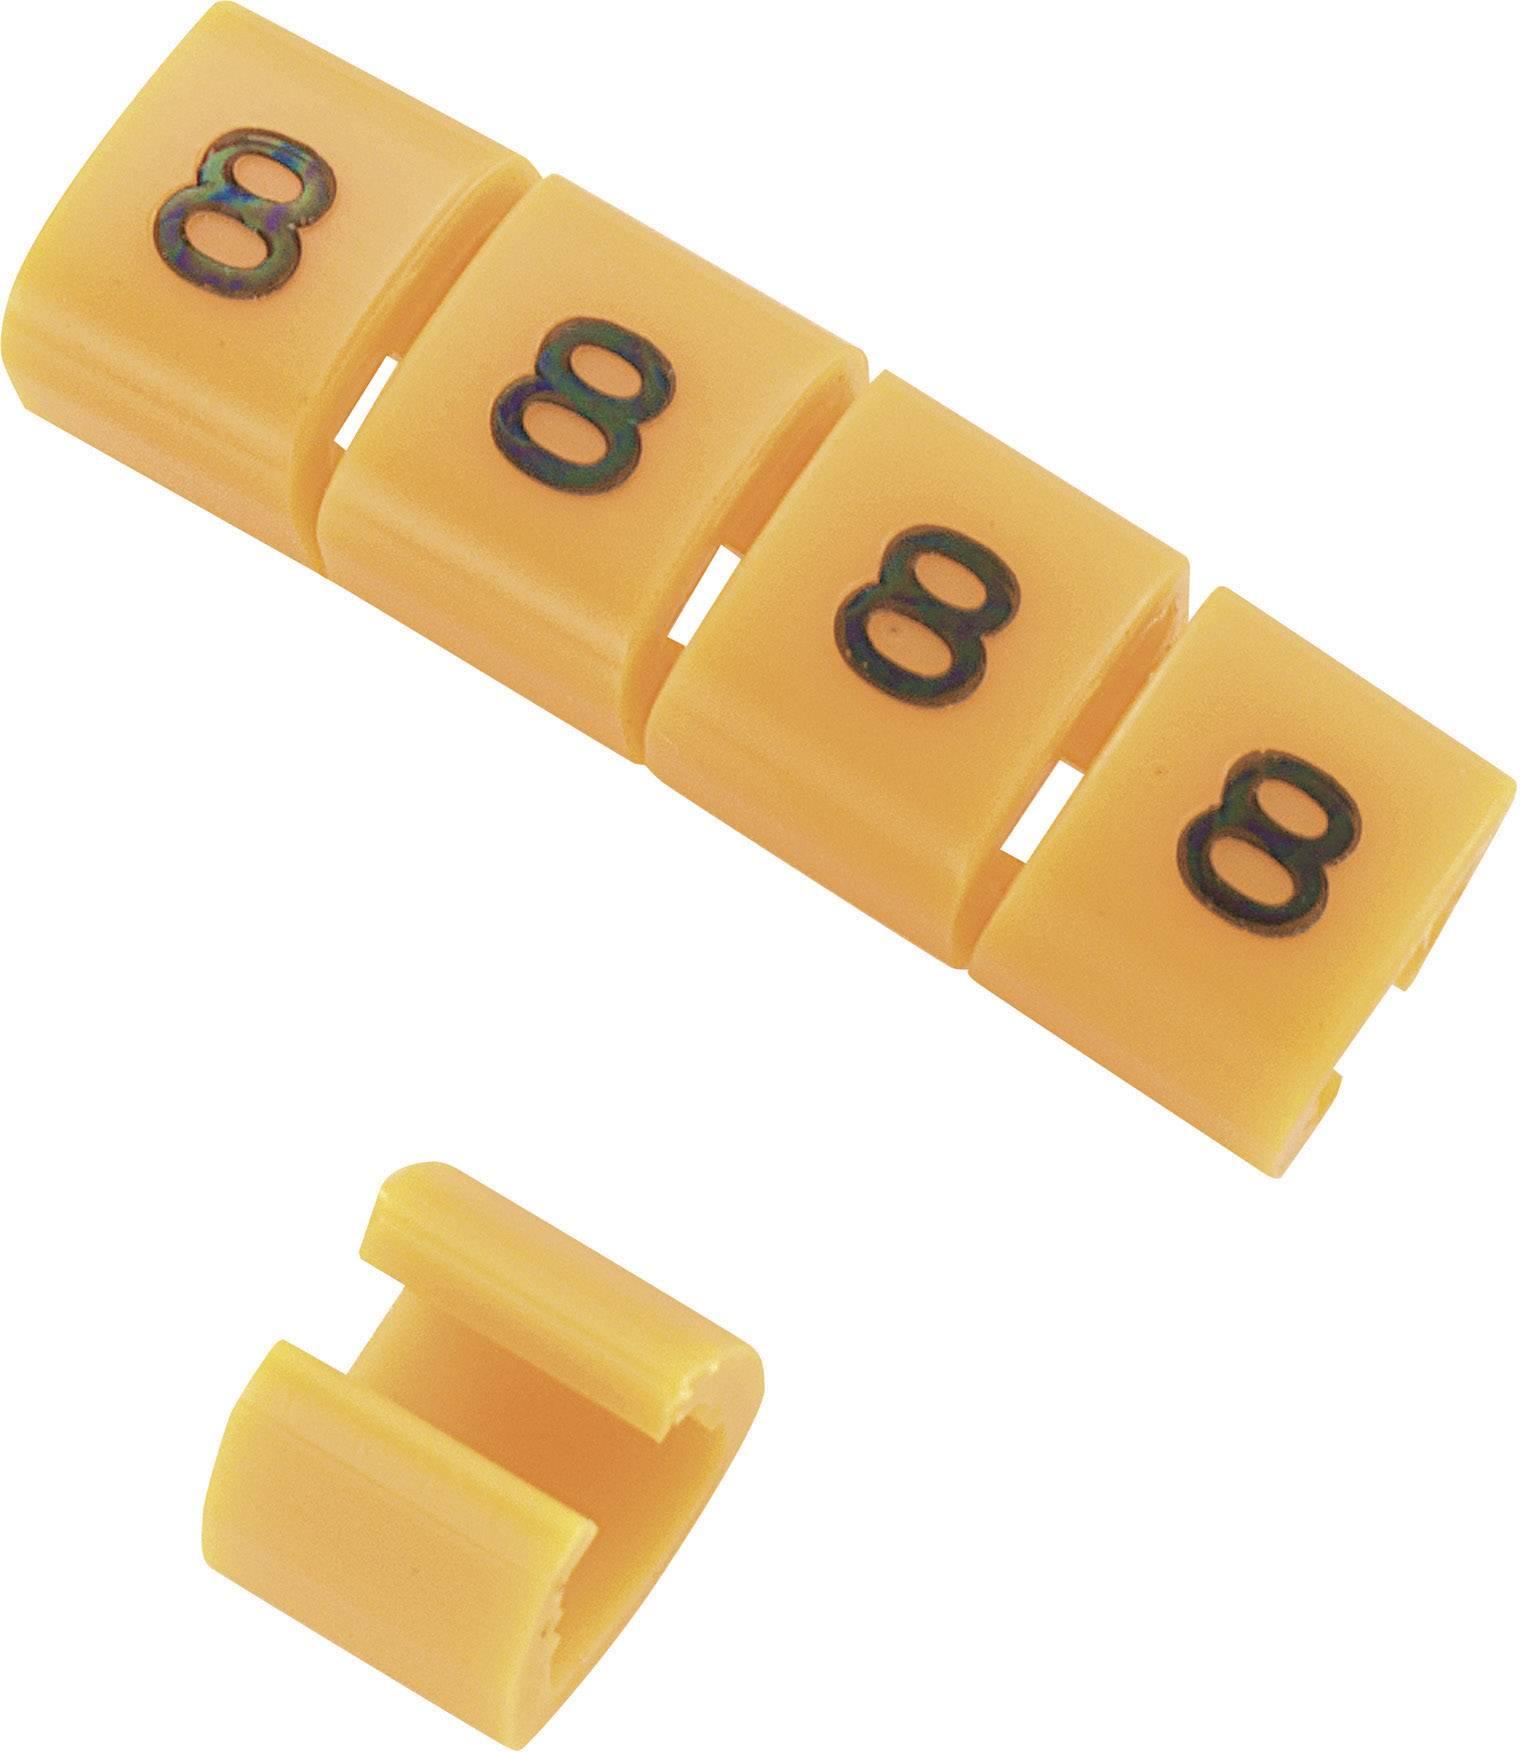 Označovacie objímka na káble KSS MB1/8, oranžová, 10 ks